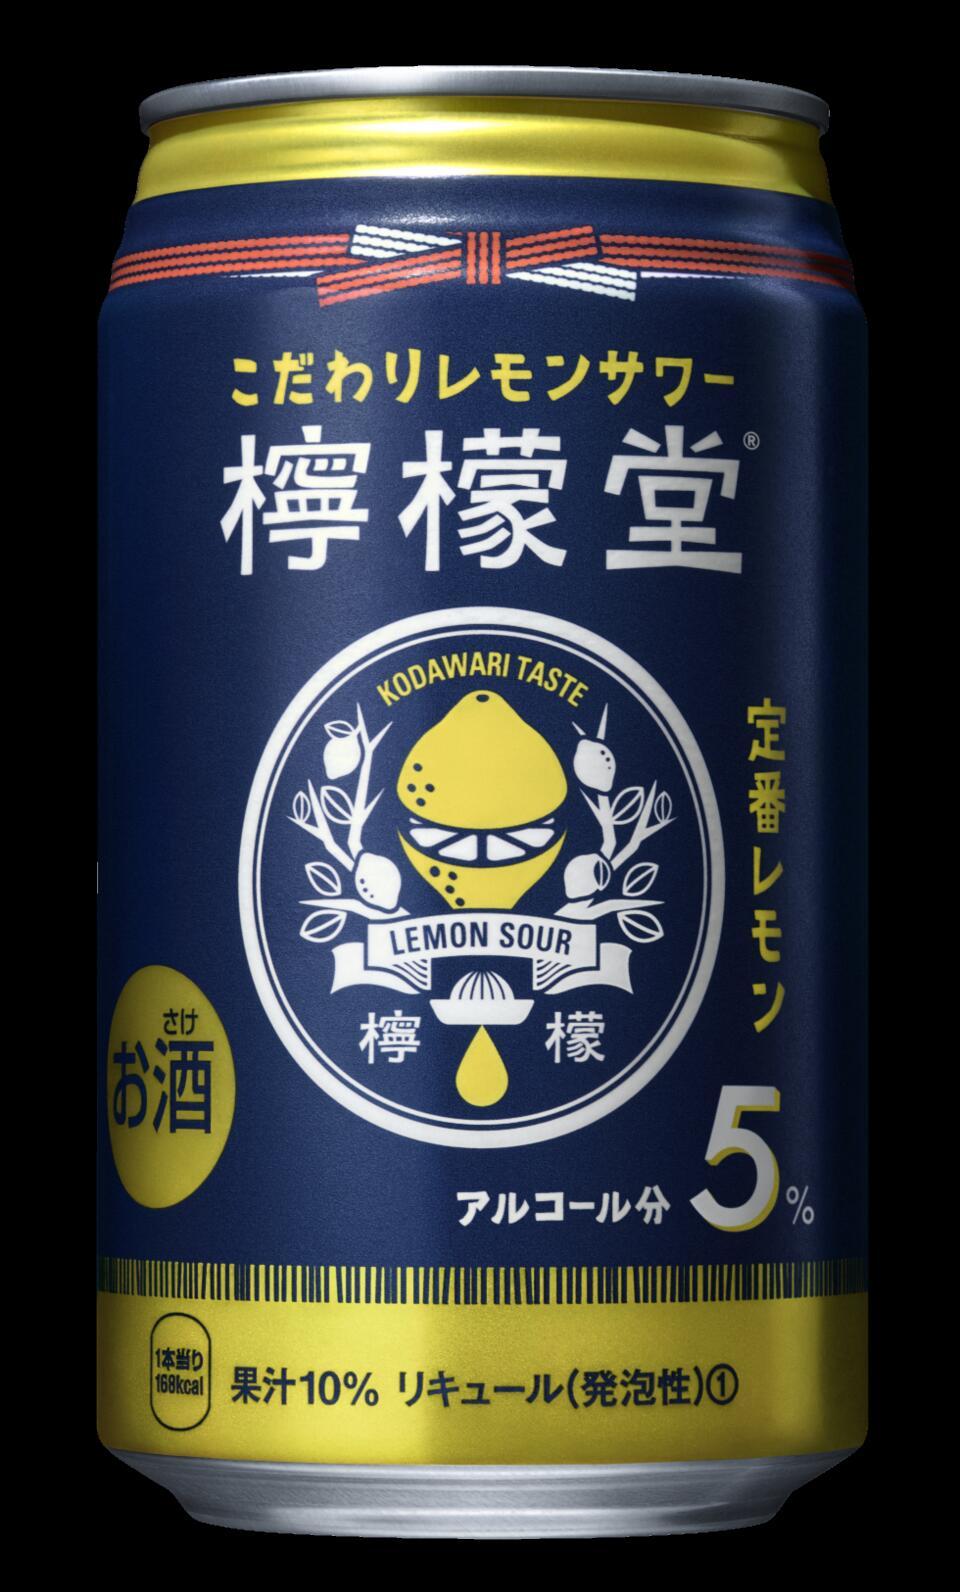 こだわりレモンサワー 檸檬堂 定番レモン 350ml 1ケース24本入り[アルコール度数5%]